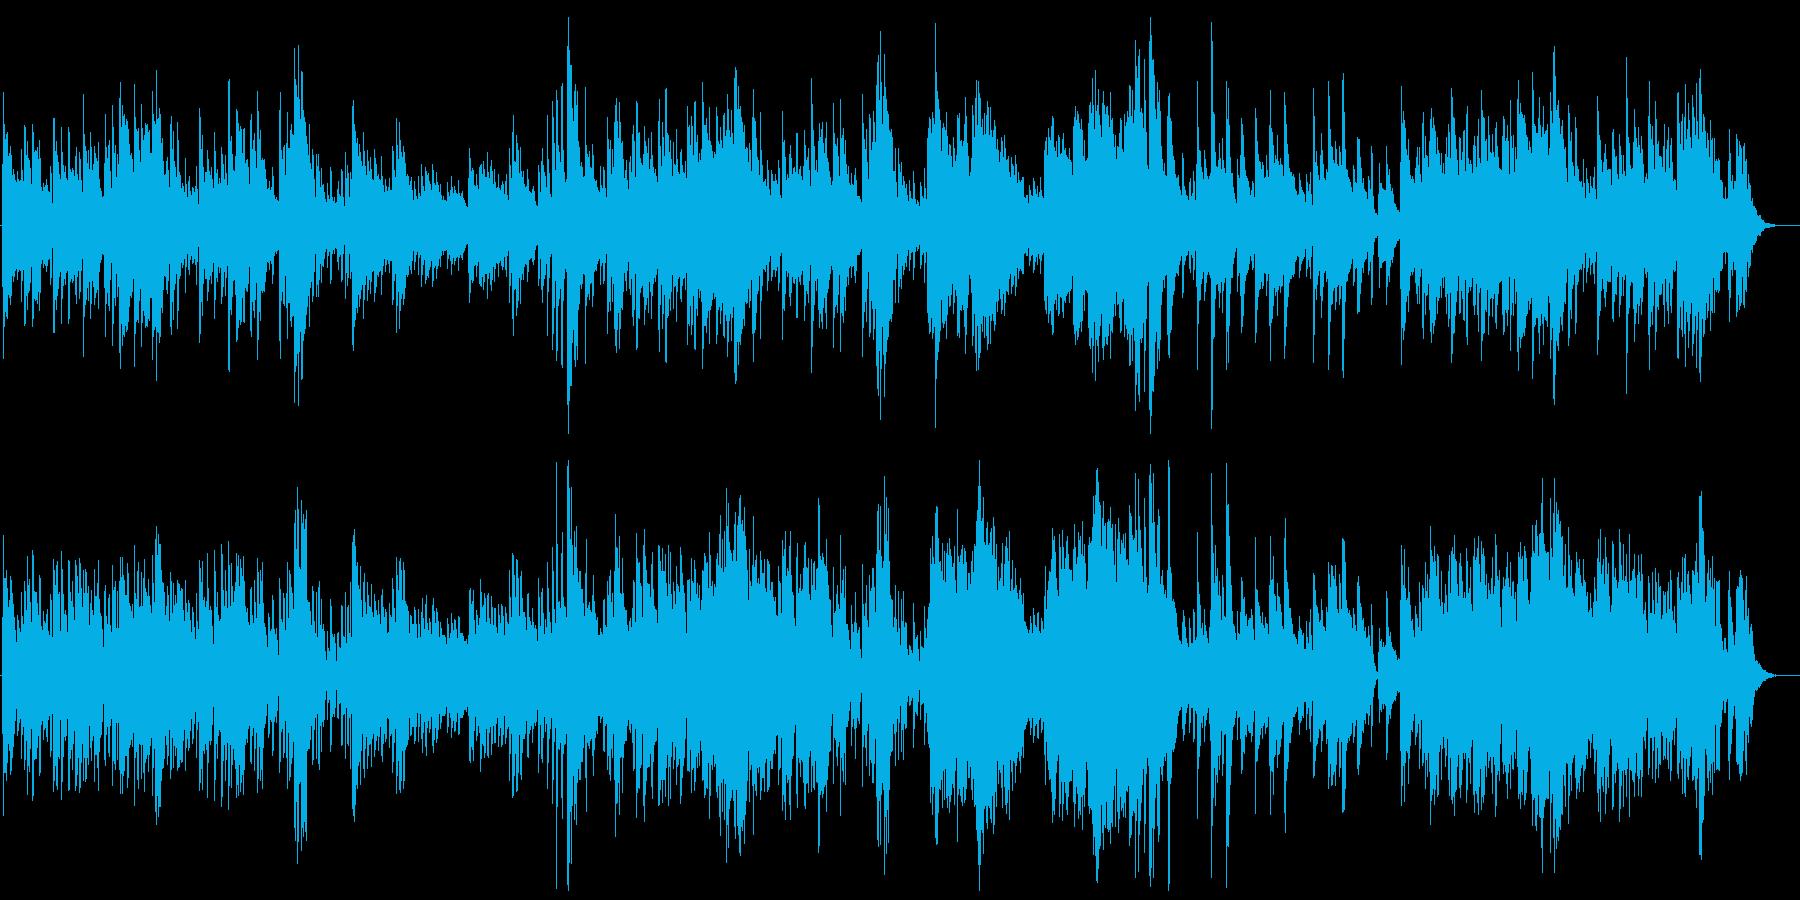 優しく切ないピアノのバラードの再生済みの波形